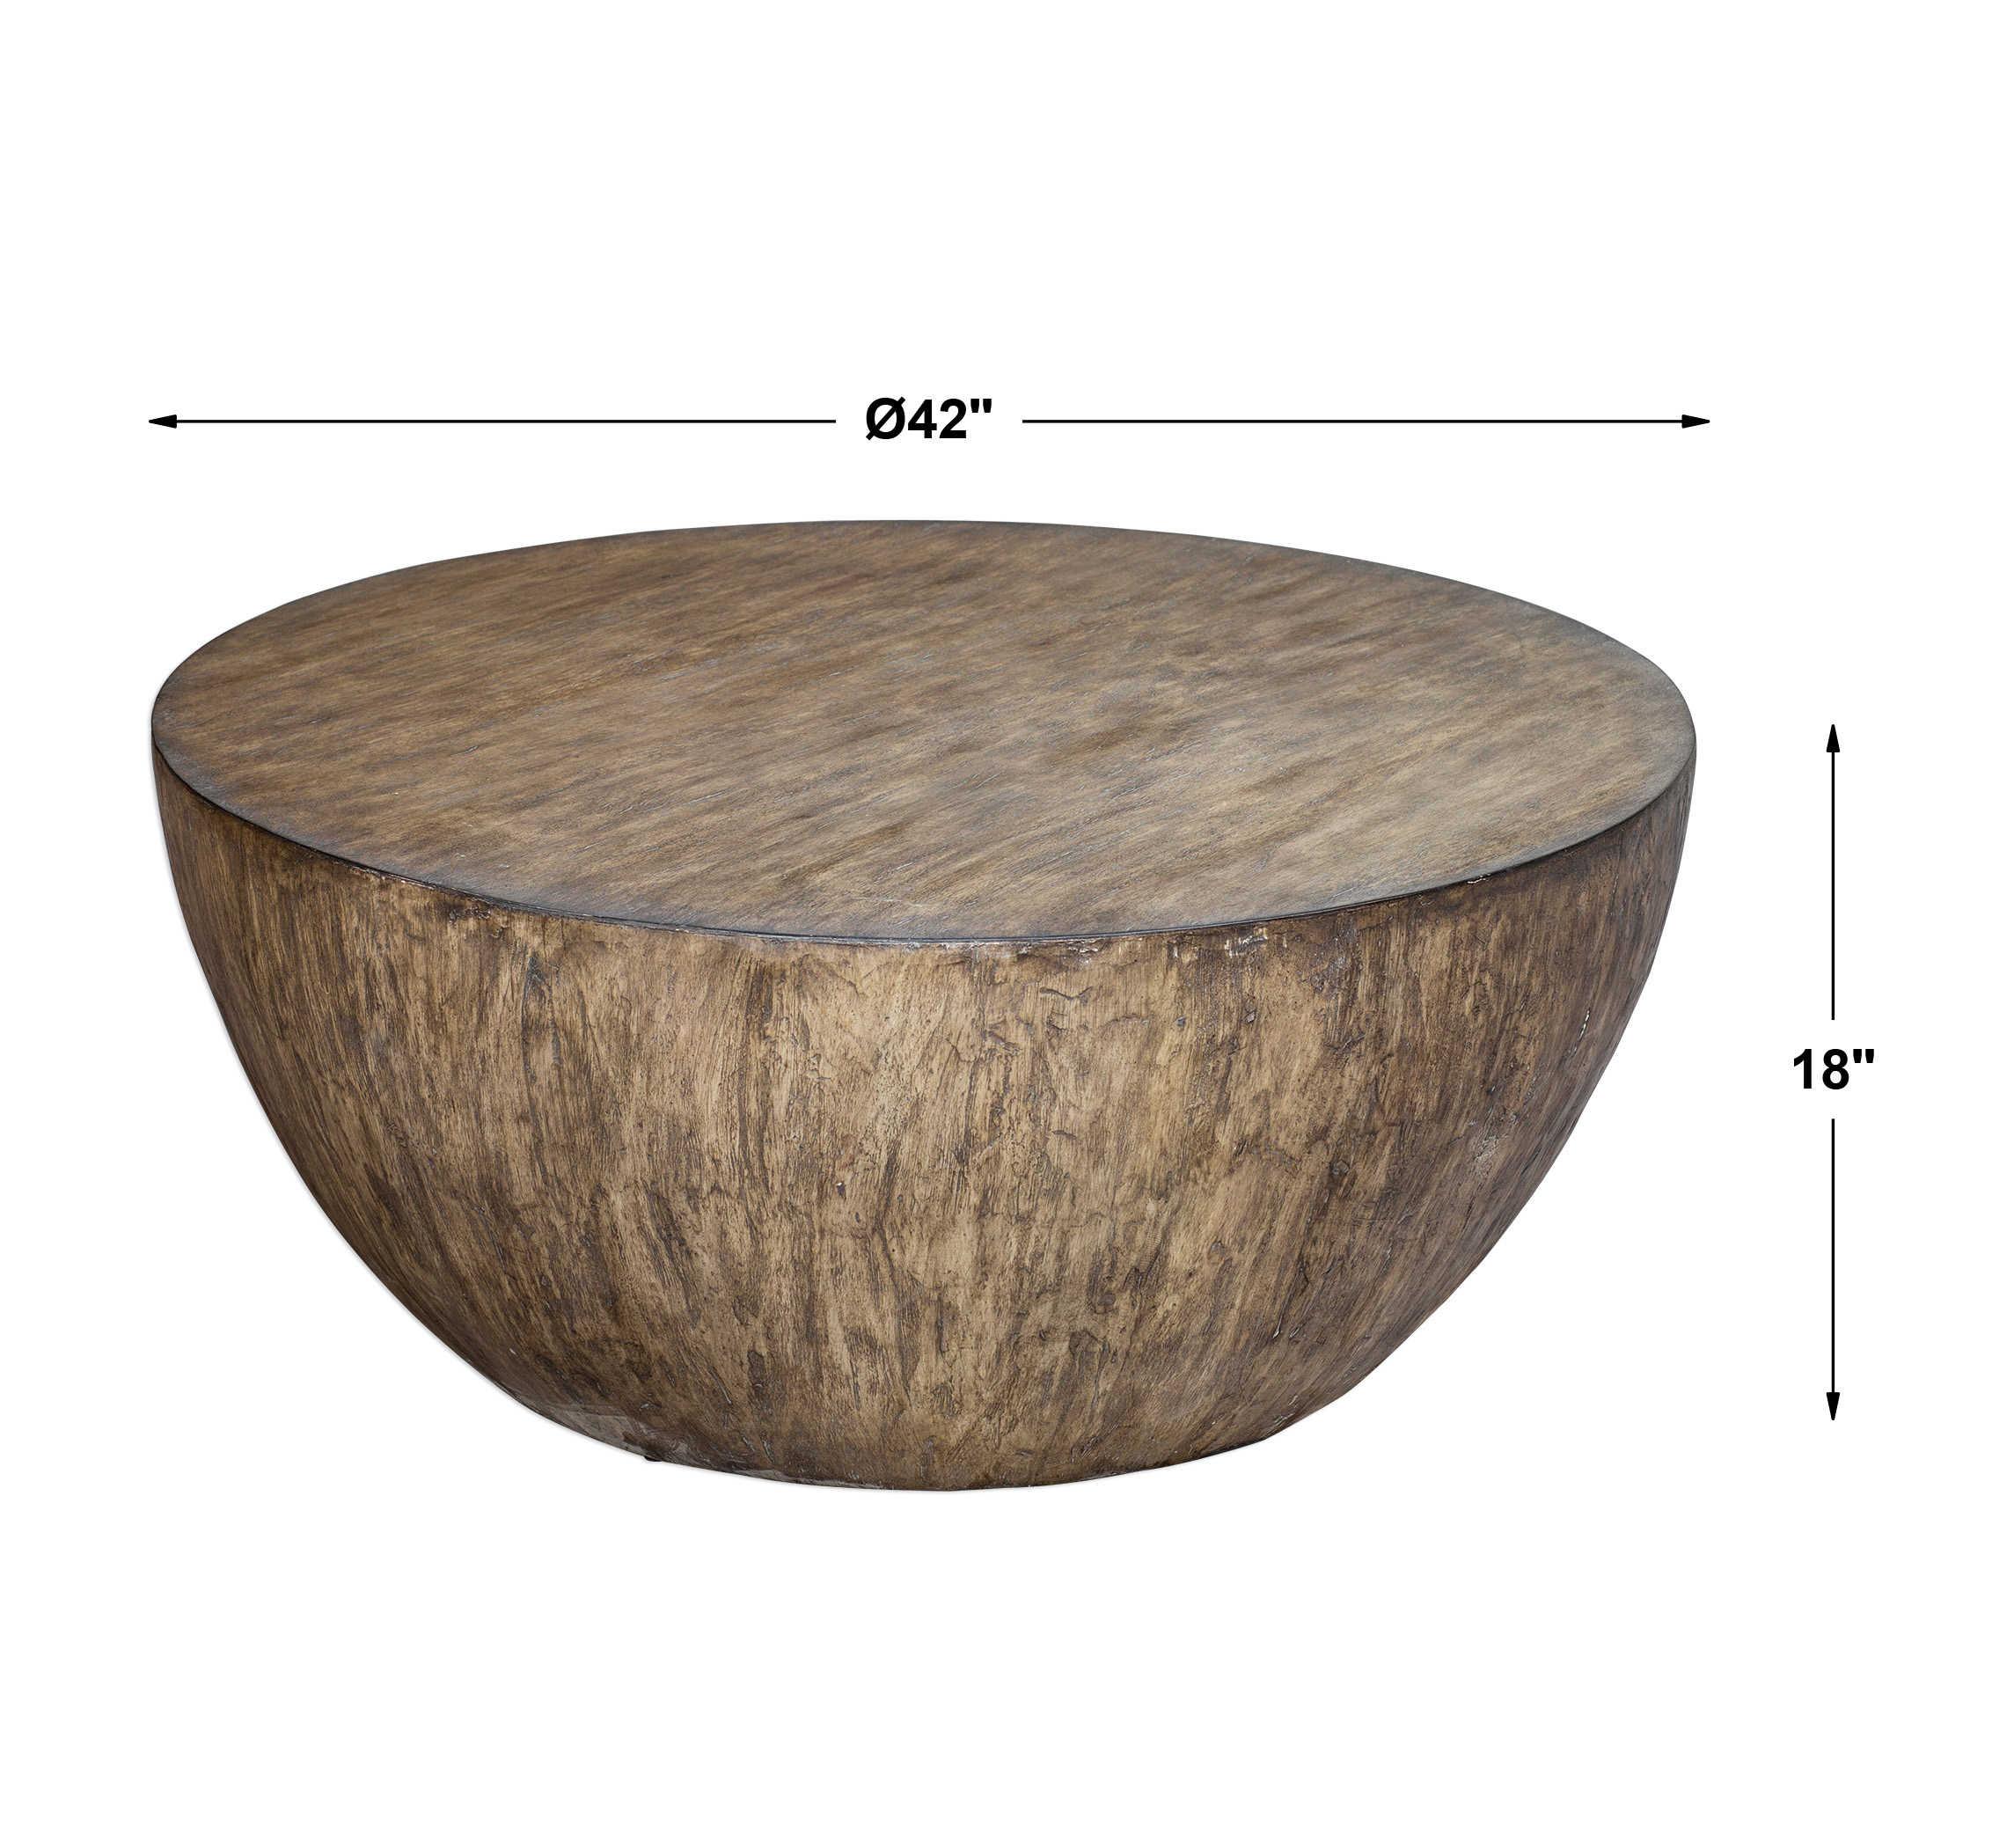 Bjarne Coffee Table, Aged Walnut